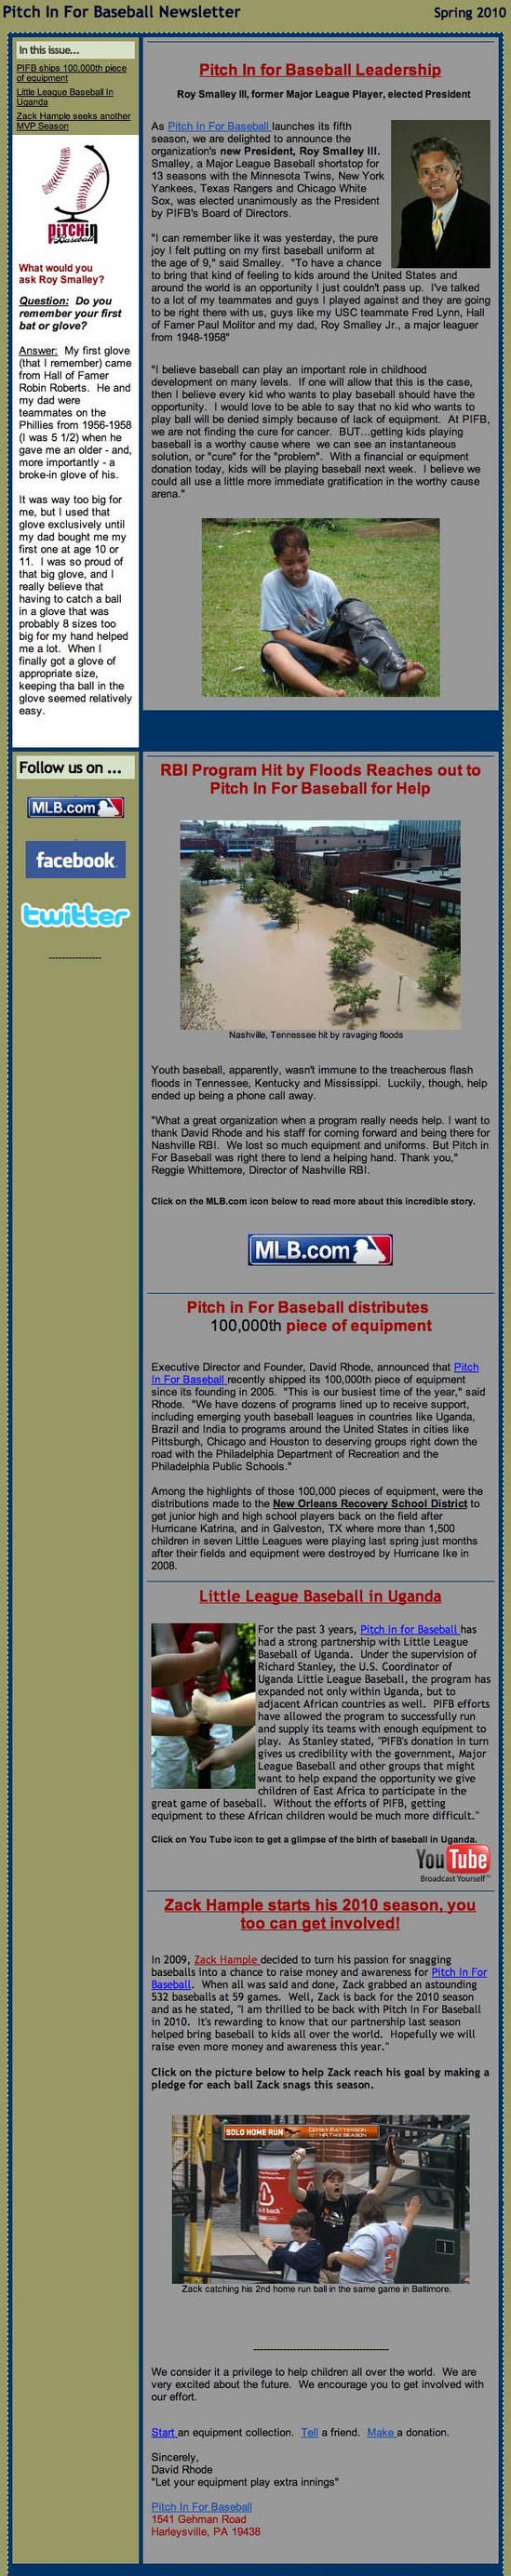 pifb_newsletter_spring_2010.jpg